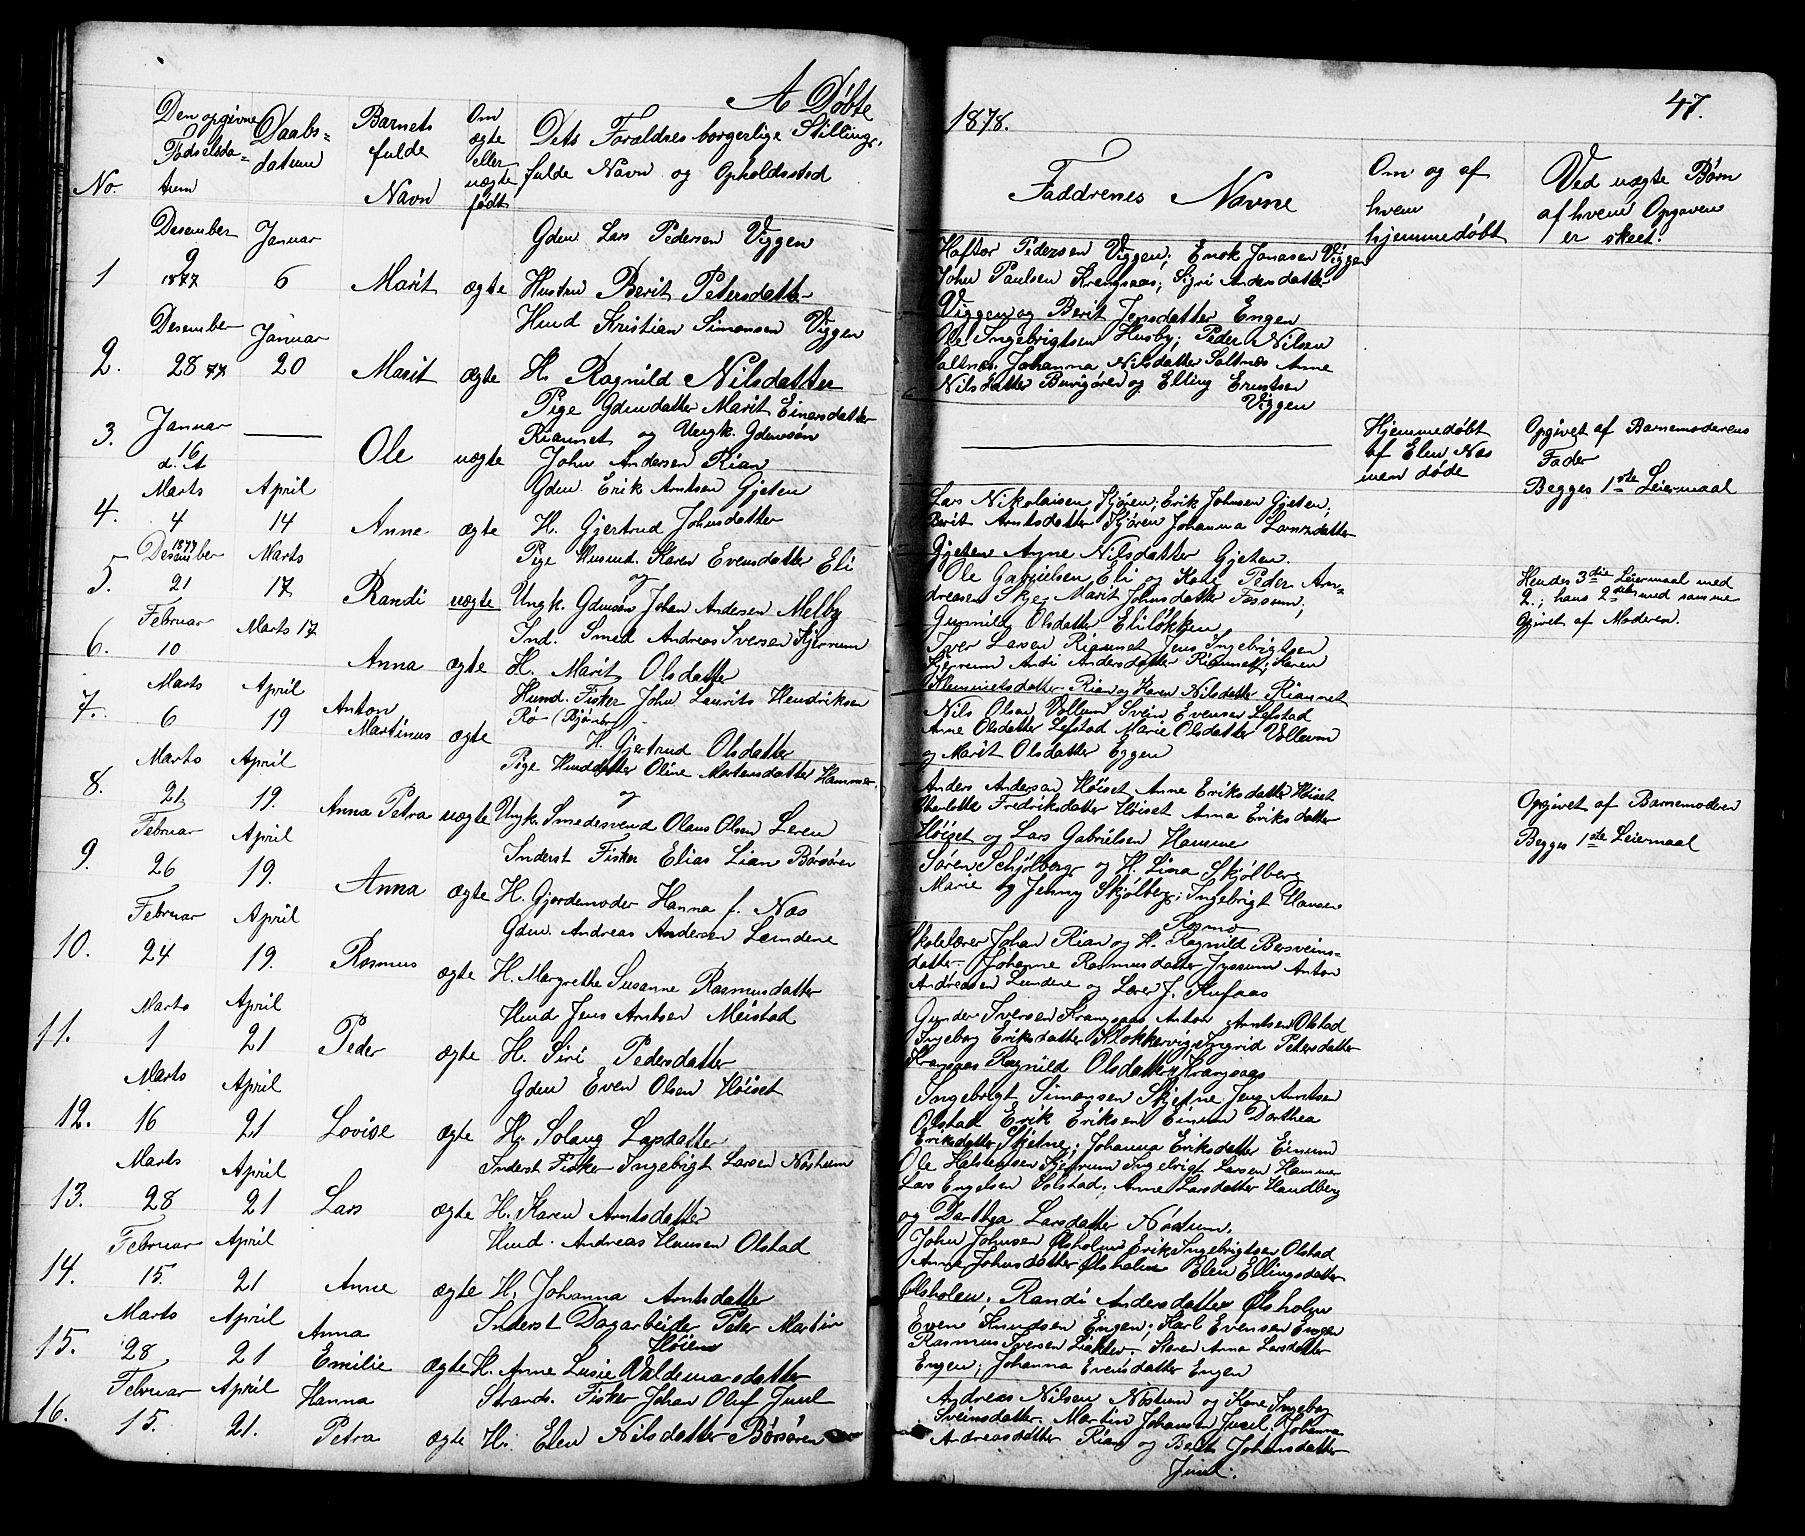 SAT, Ministerialprotokoller, klokkerbøker og fødselsregistre - Sør-Trøndelag, 665/L0777: Klokkerbok nr. 665C02, 1867-1915, s. 47